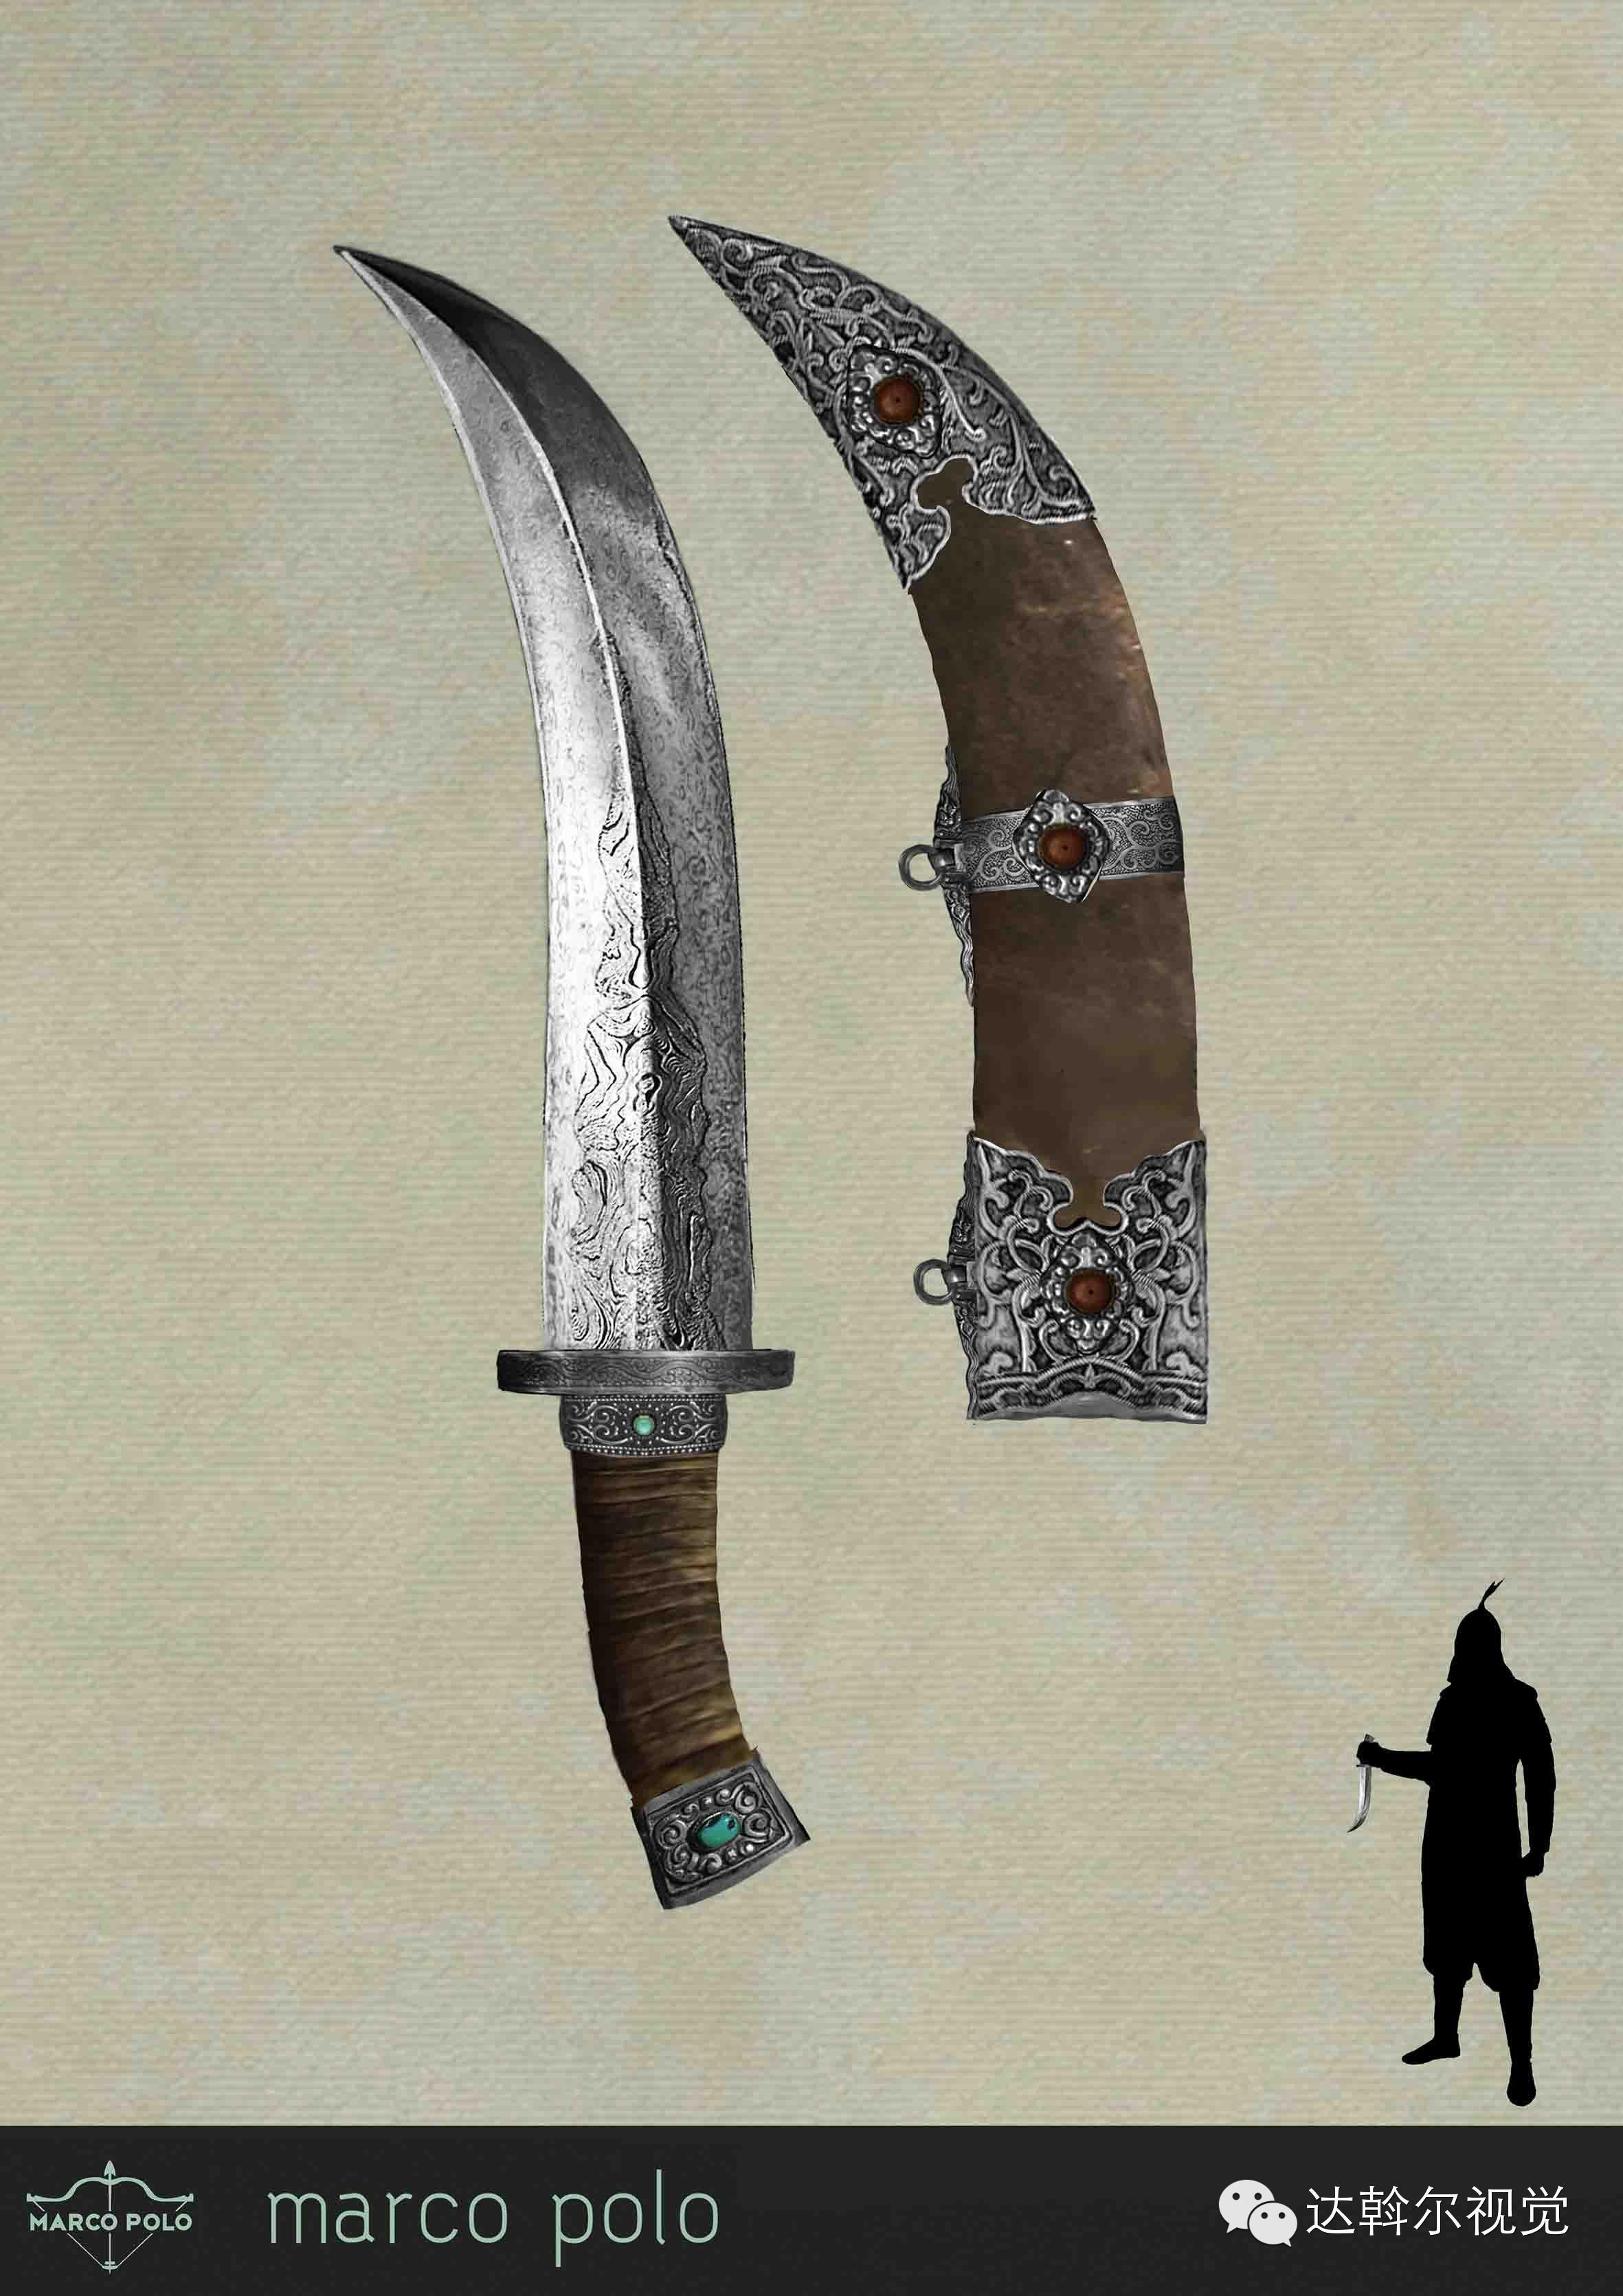 蒙古题材美剧《马可波罗》兵器设计欣赏 第8张